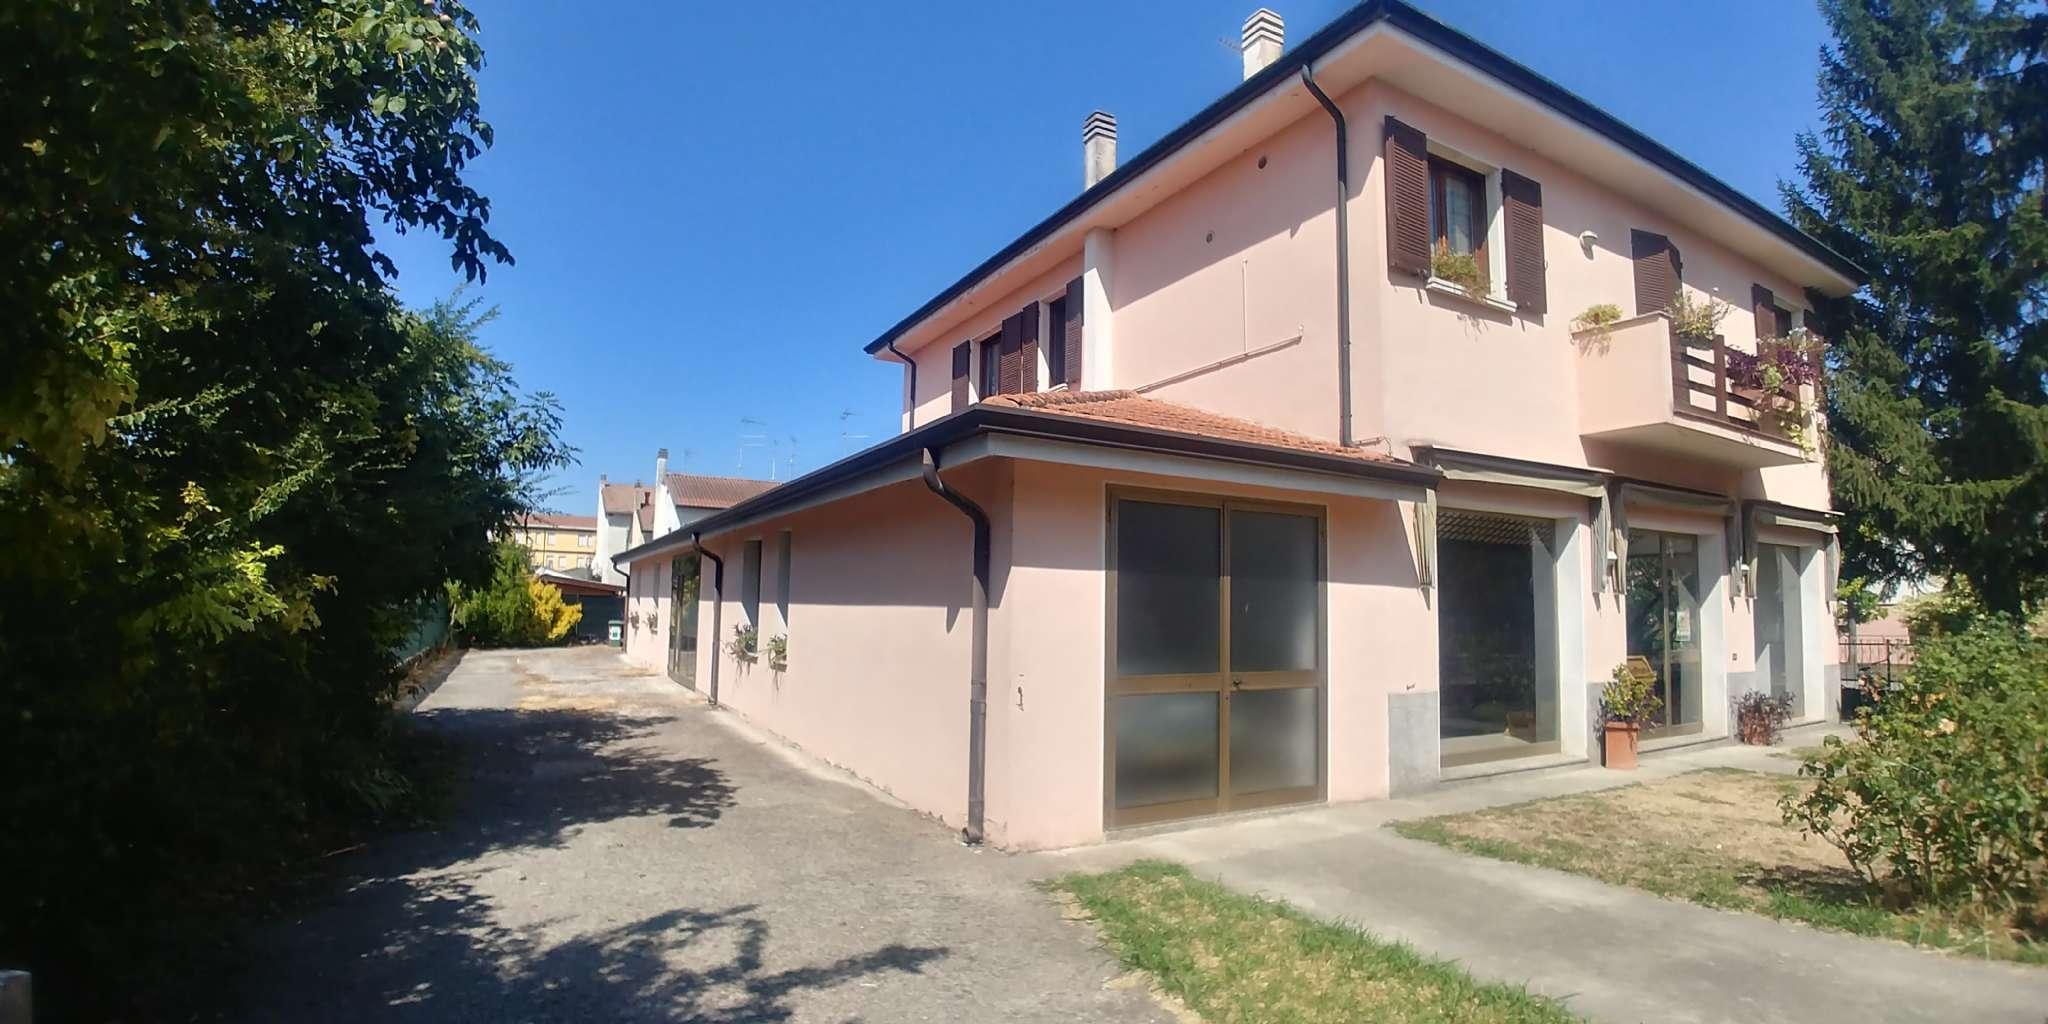 Complesso immobiliare con abitazione, negozio, laboratorio e magazzino Rif. 5646136